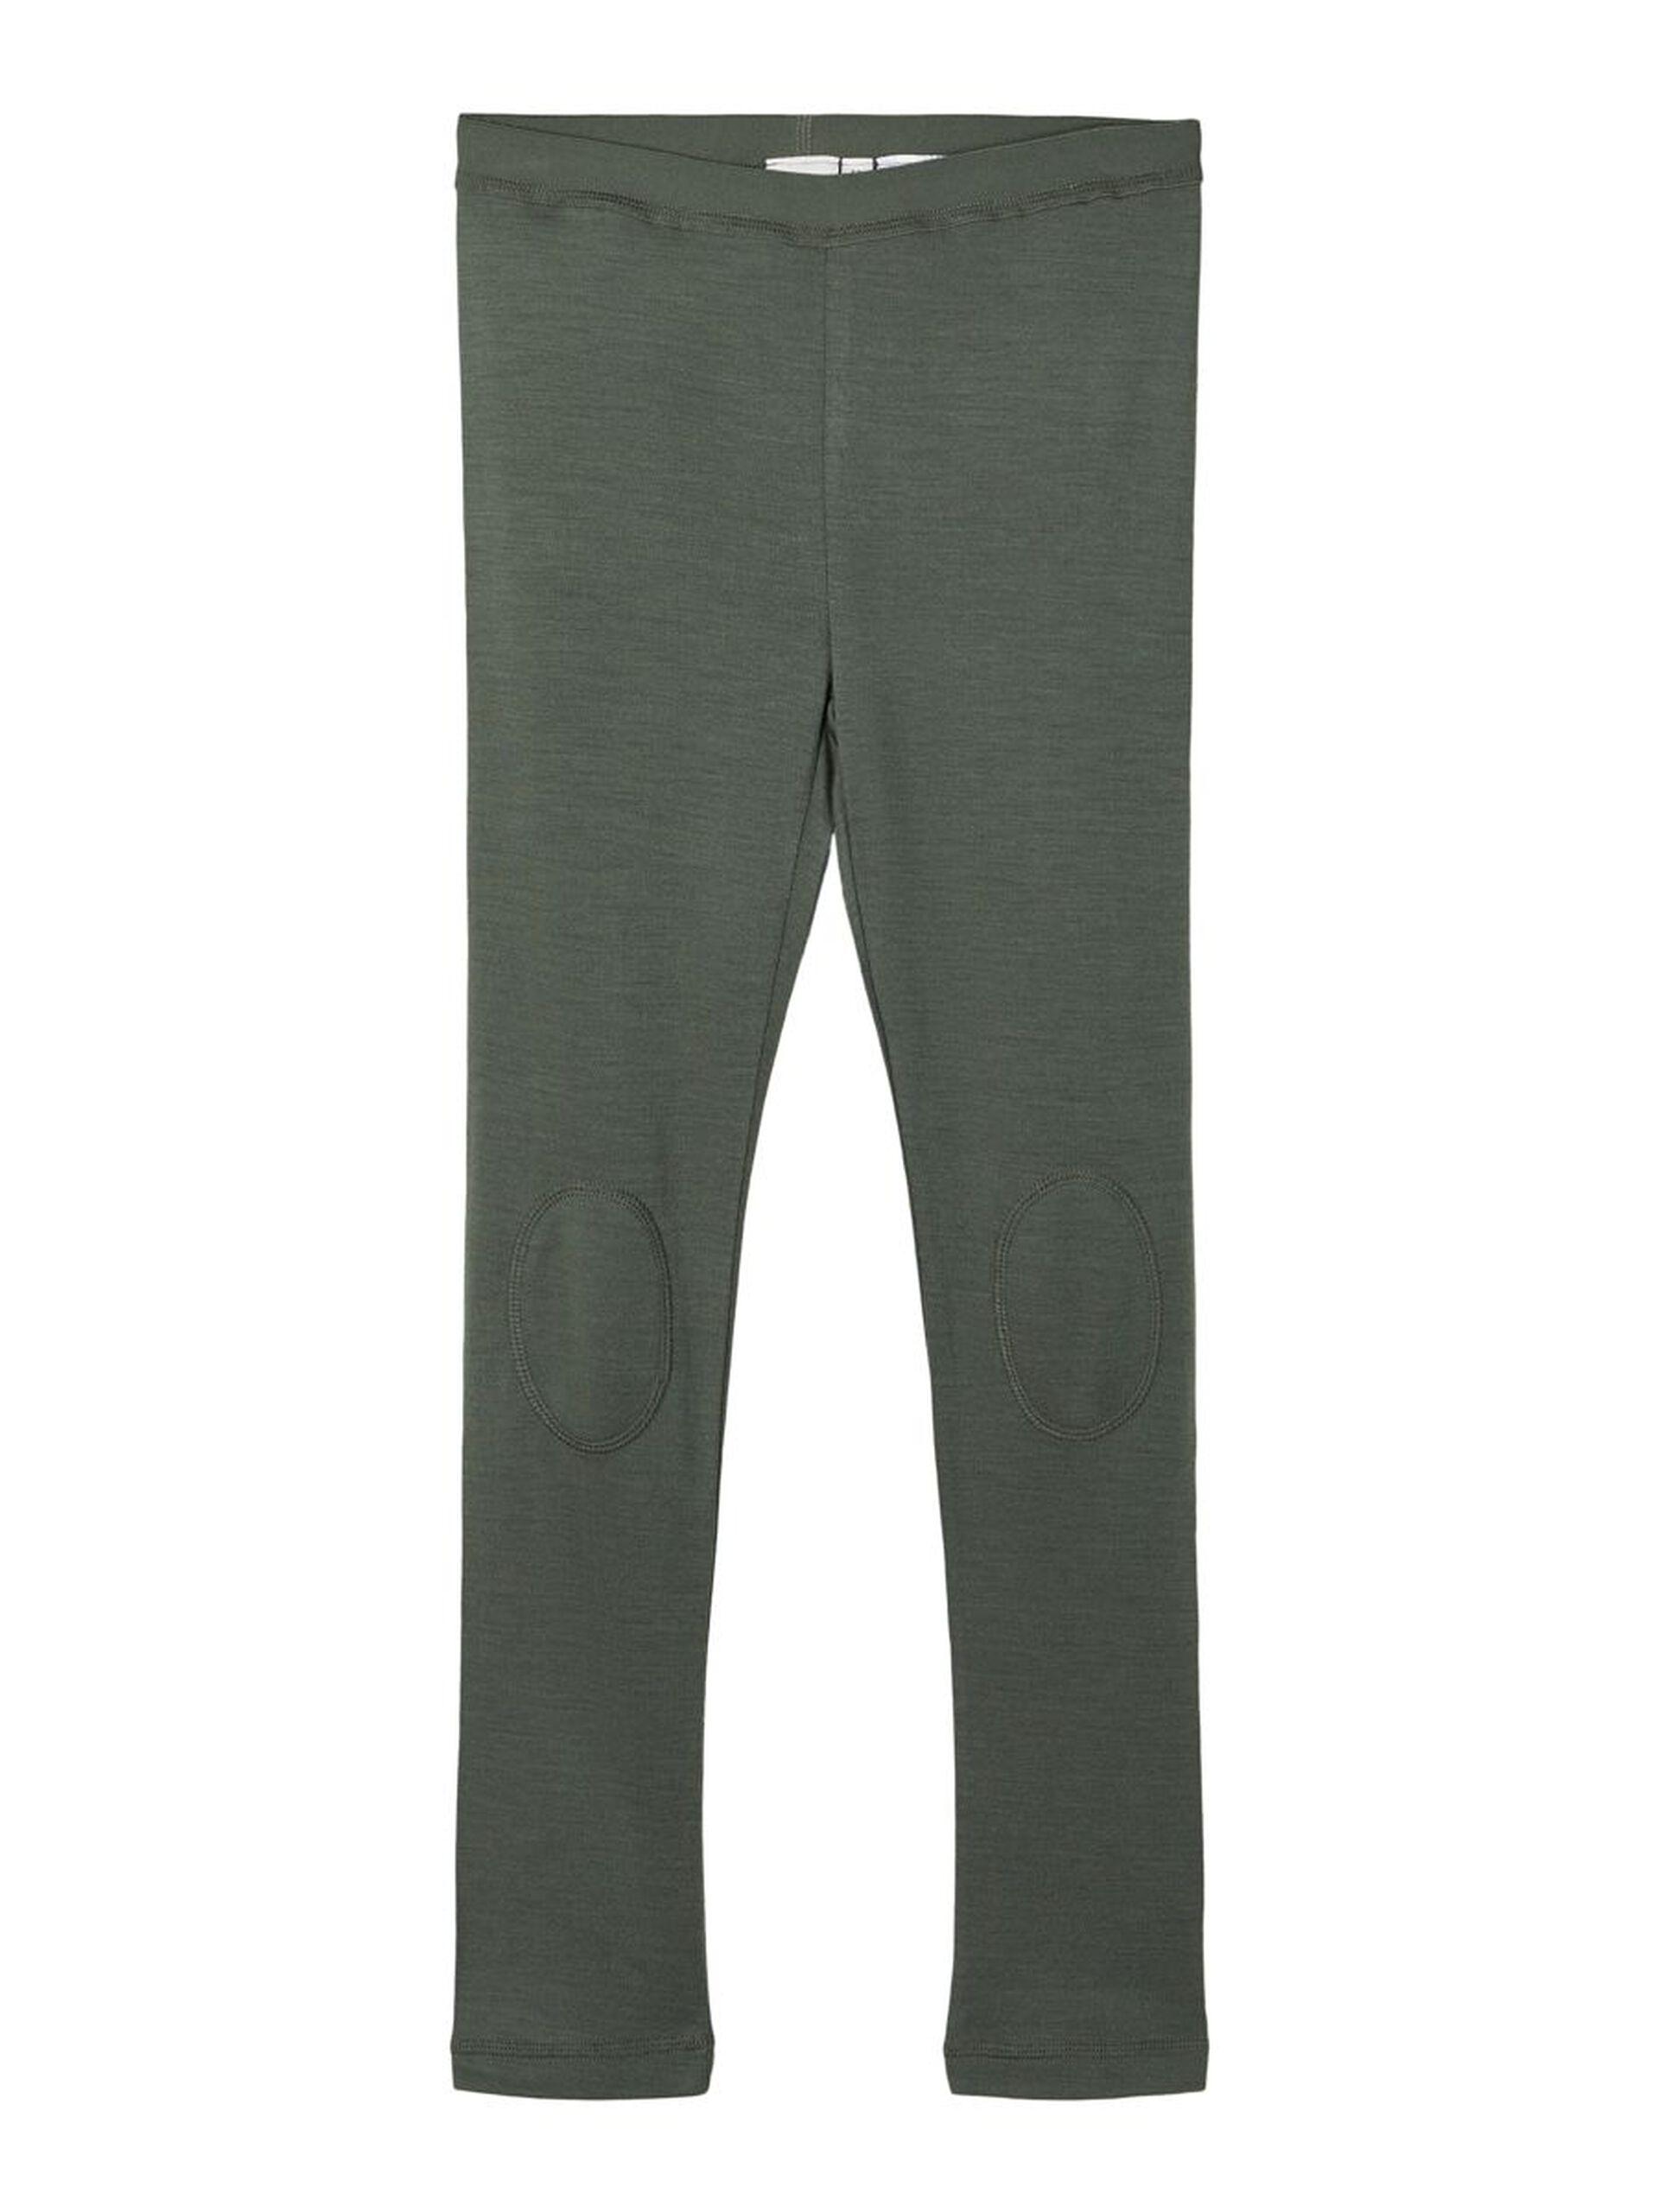 Grønn legging i ull